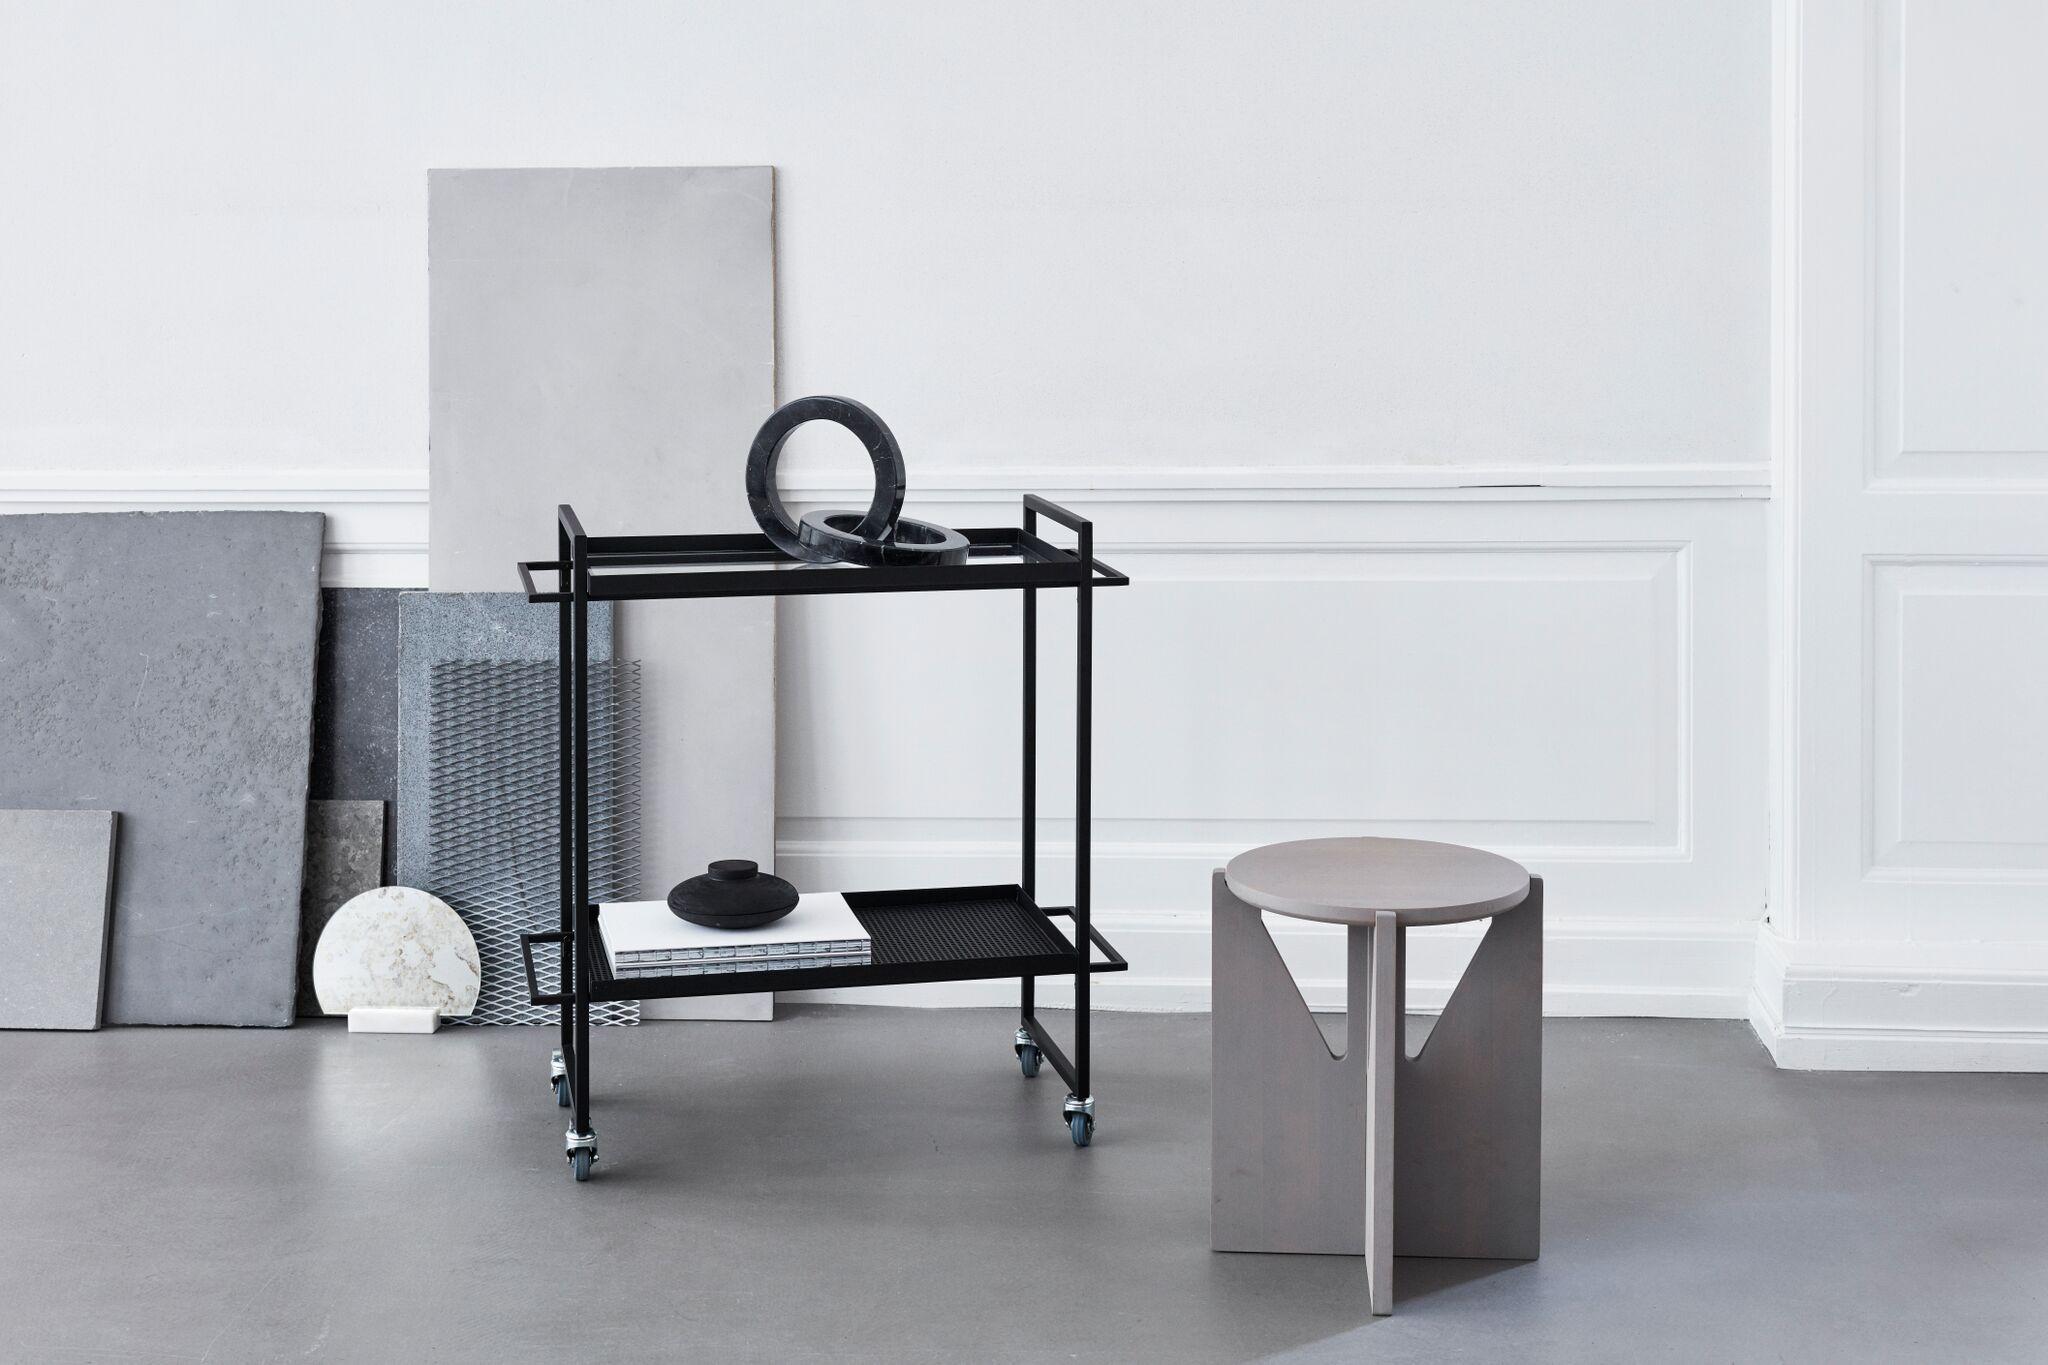 lilaliv interior design blog. Black Bedroom Furniture Sets. Home Design Ideas